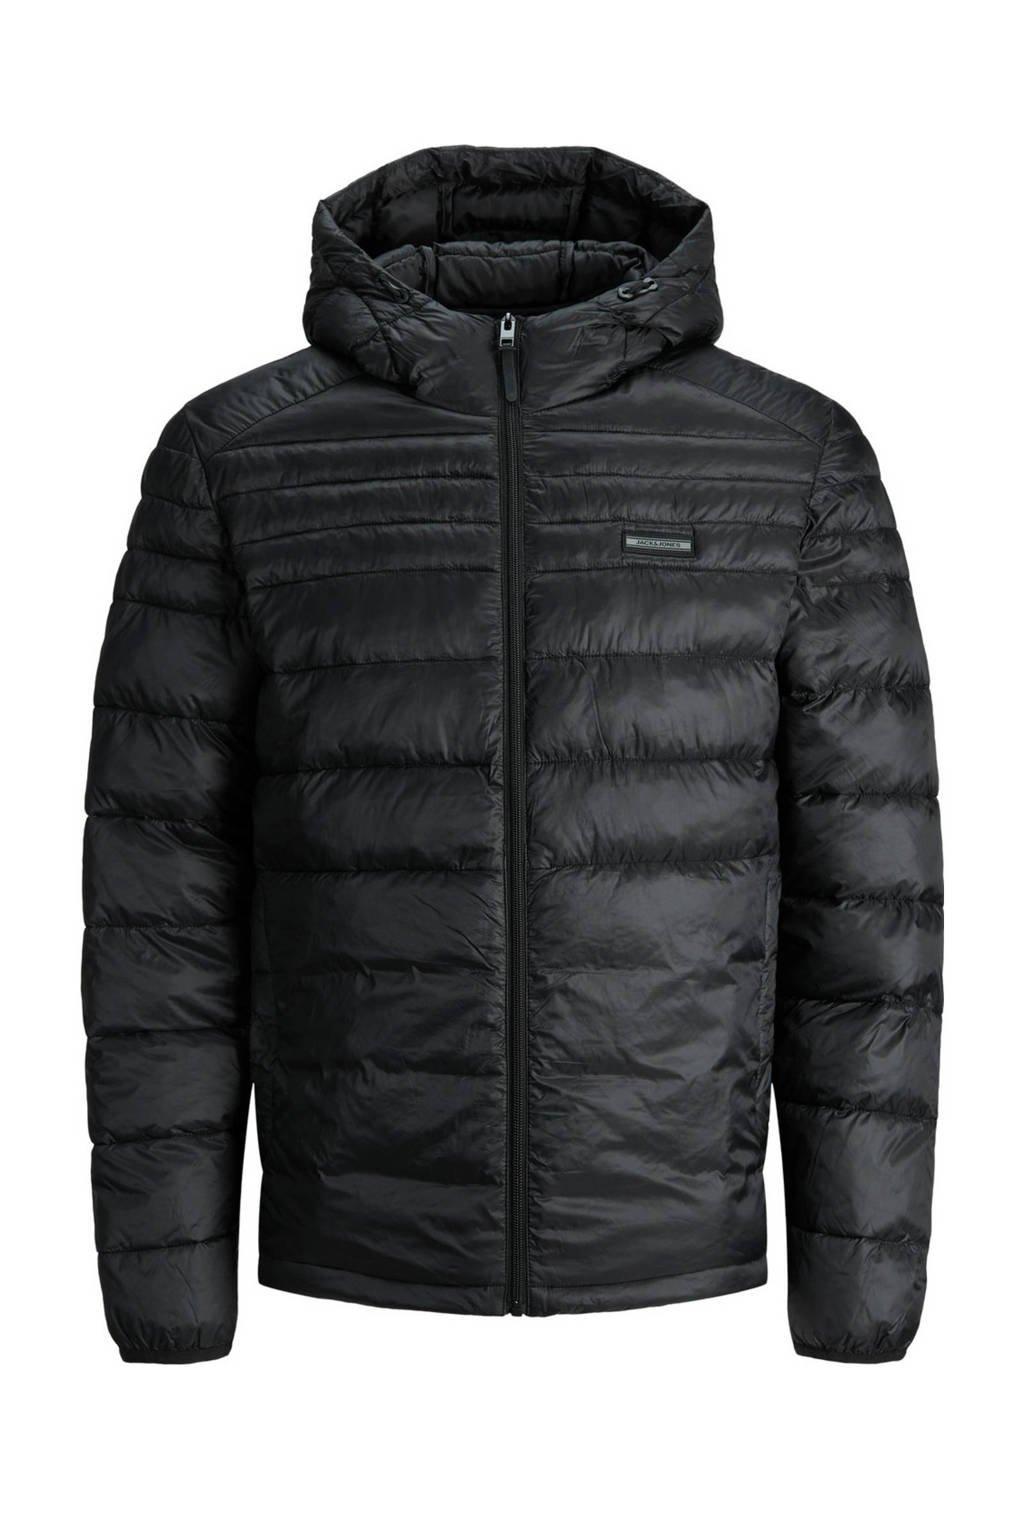 JACK & JONES JUNIOR gewatteerde winterjas JJEACE zwart, Zwart